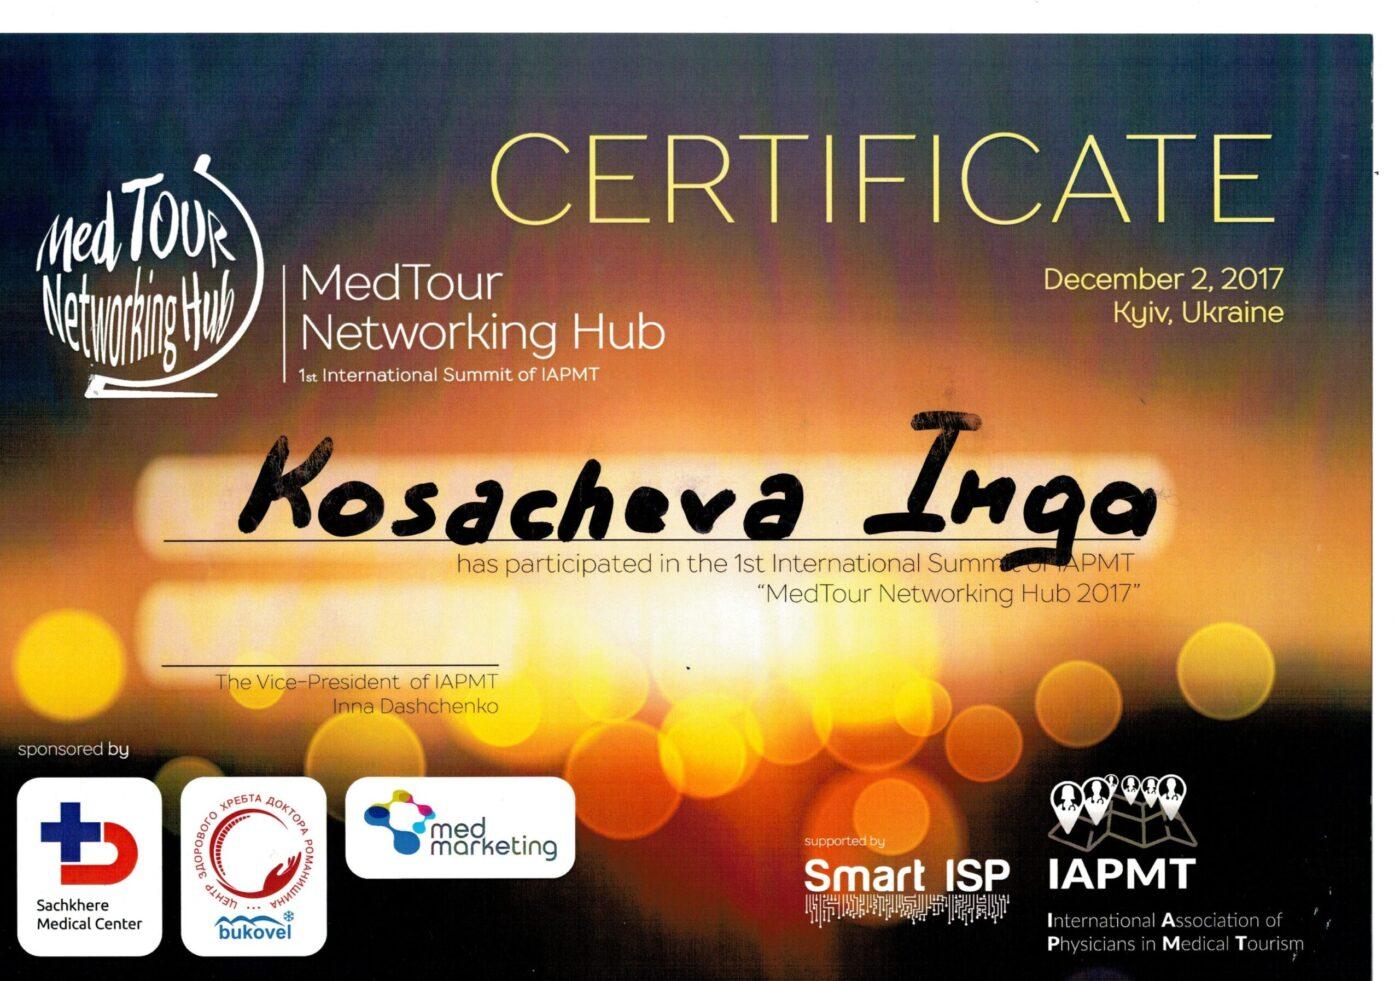 Сертифікат дитячого лікаря анестезіолога  Косачевої Інги Сергіївни об участі у курсі (MedTour Networking Hub 2017)